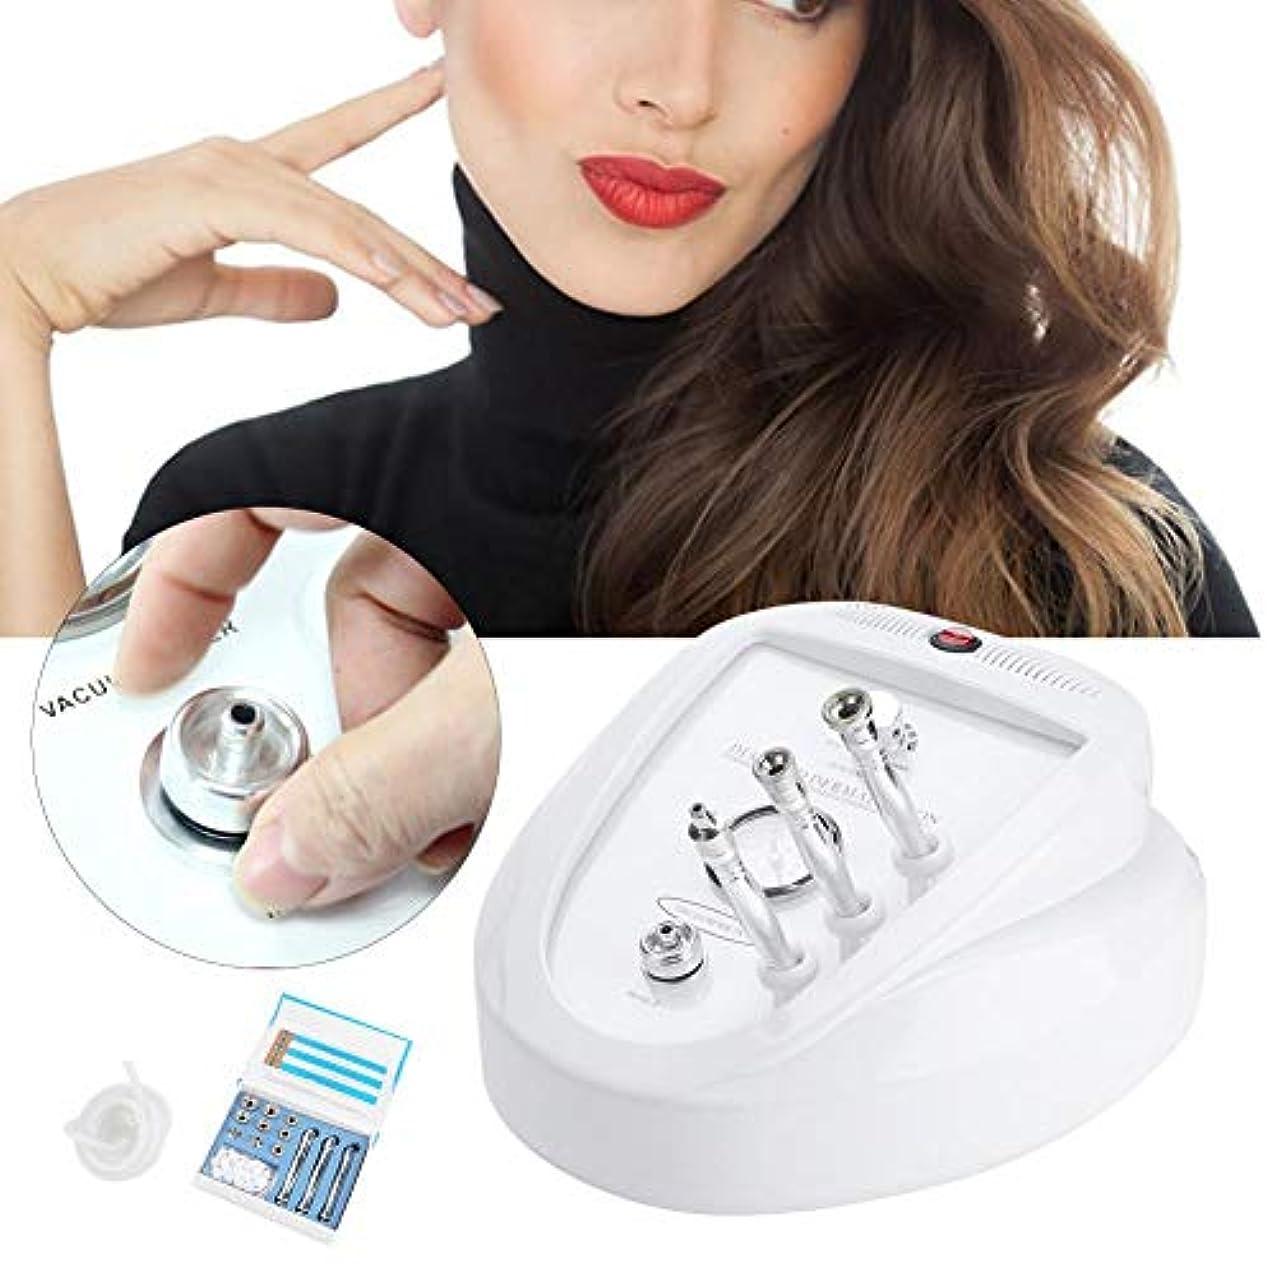 圧倒的私たち自身アライメント3 in 1ダイヤモンド皮膚剥離機、肌の若返り装置、フェイスリフティングマイクロマッサージエクスフォリエーター用プロのサロン&家庭用ディープクレンジングホワイトニングスキンピーリングシワ削除